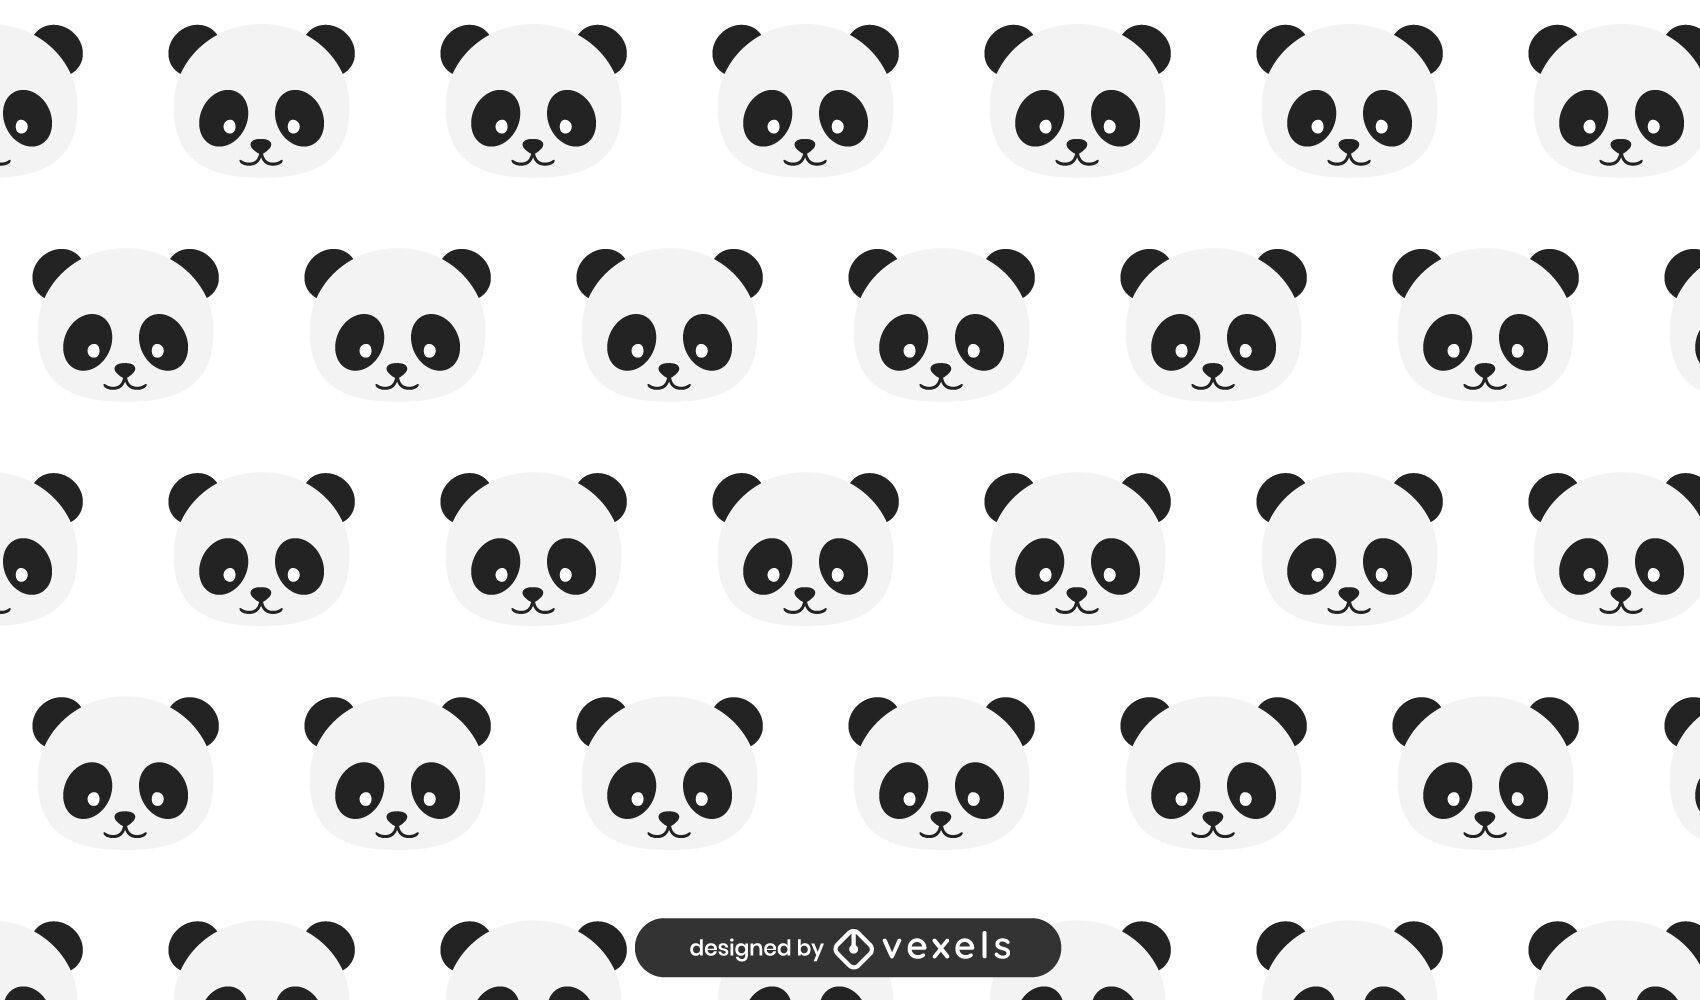 Dise?o de patr?n de osos panda